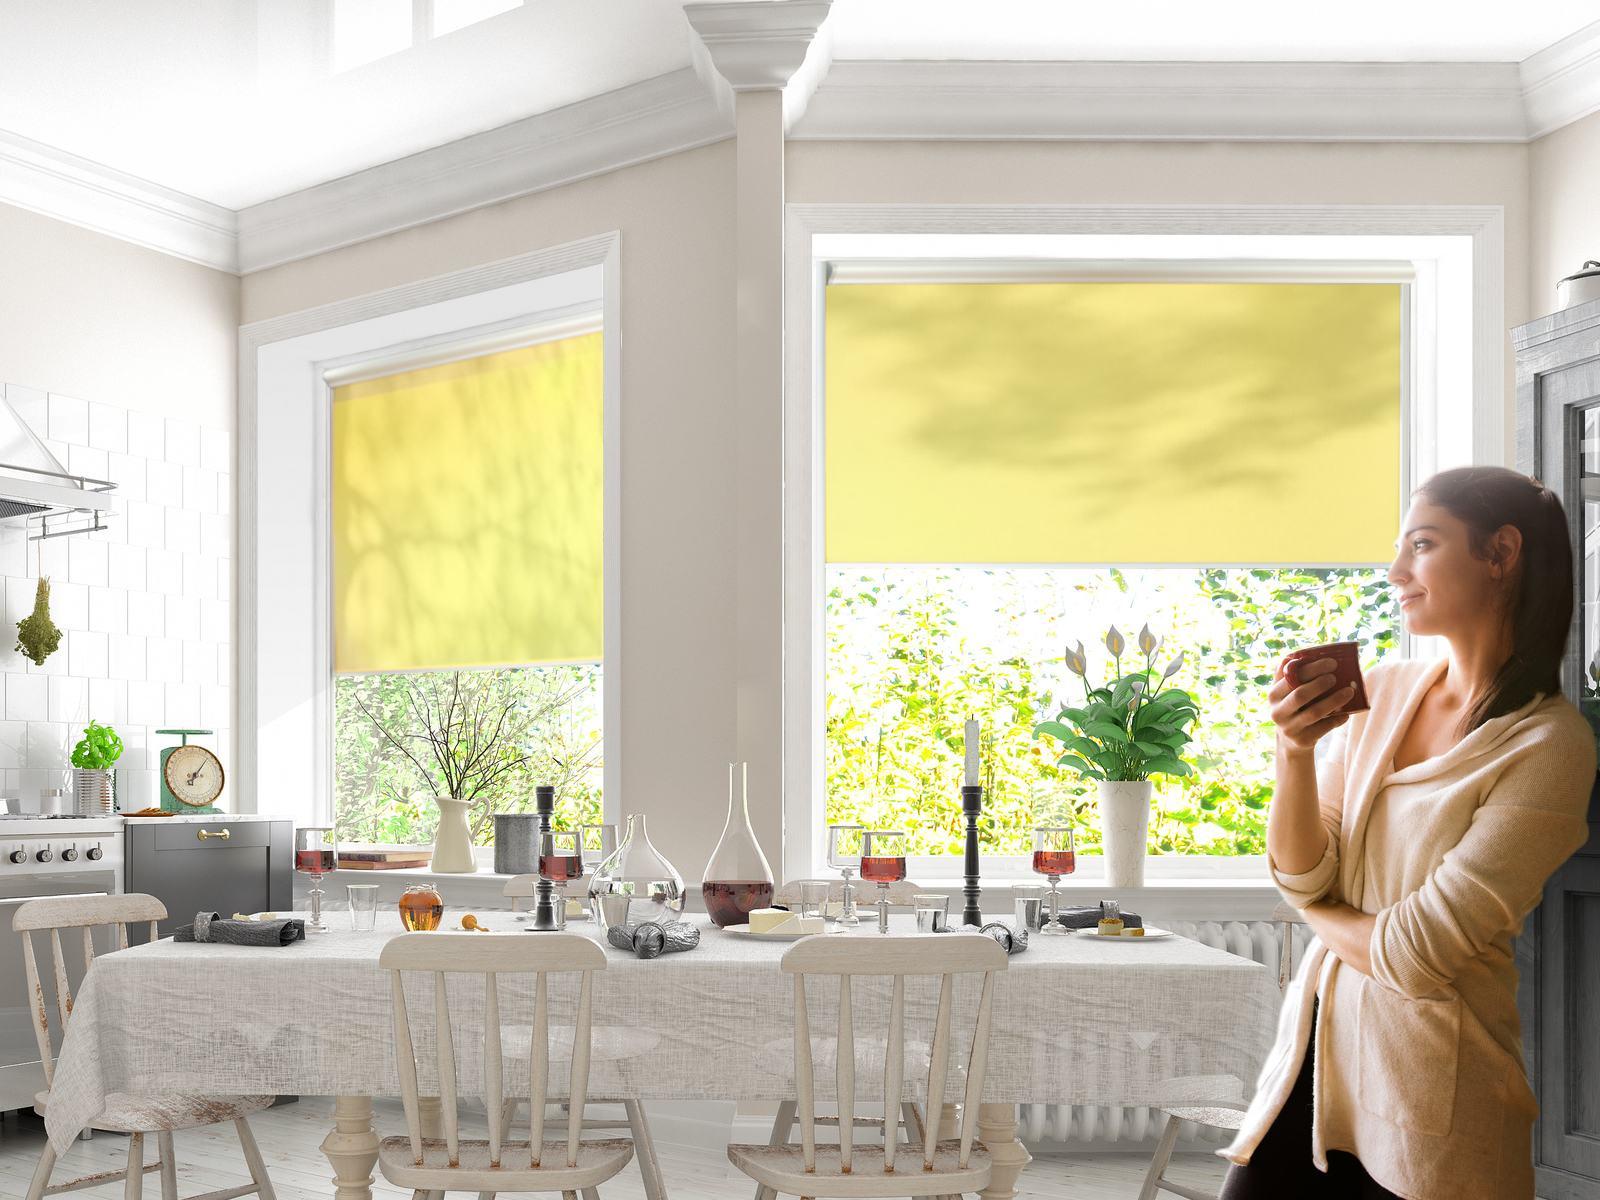 Full Size of Fenster Verdunkelung Rostock Online Konfigurieren Schüko Rundes Winkhaus Einbauen Kosten Rollos Innen Kunststoff Sonnenschutz Jemako Tauschen Fenster Fenster Verdunkelung